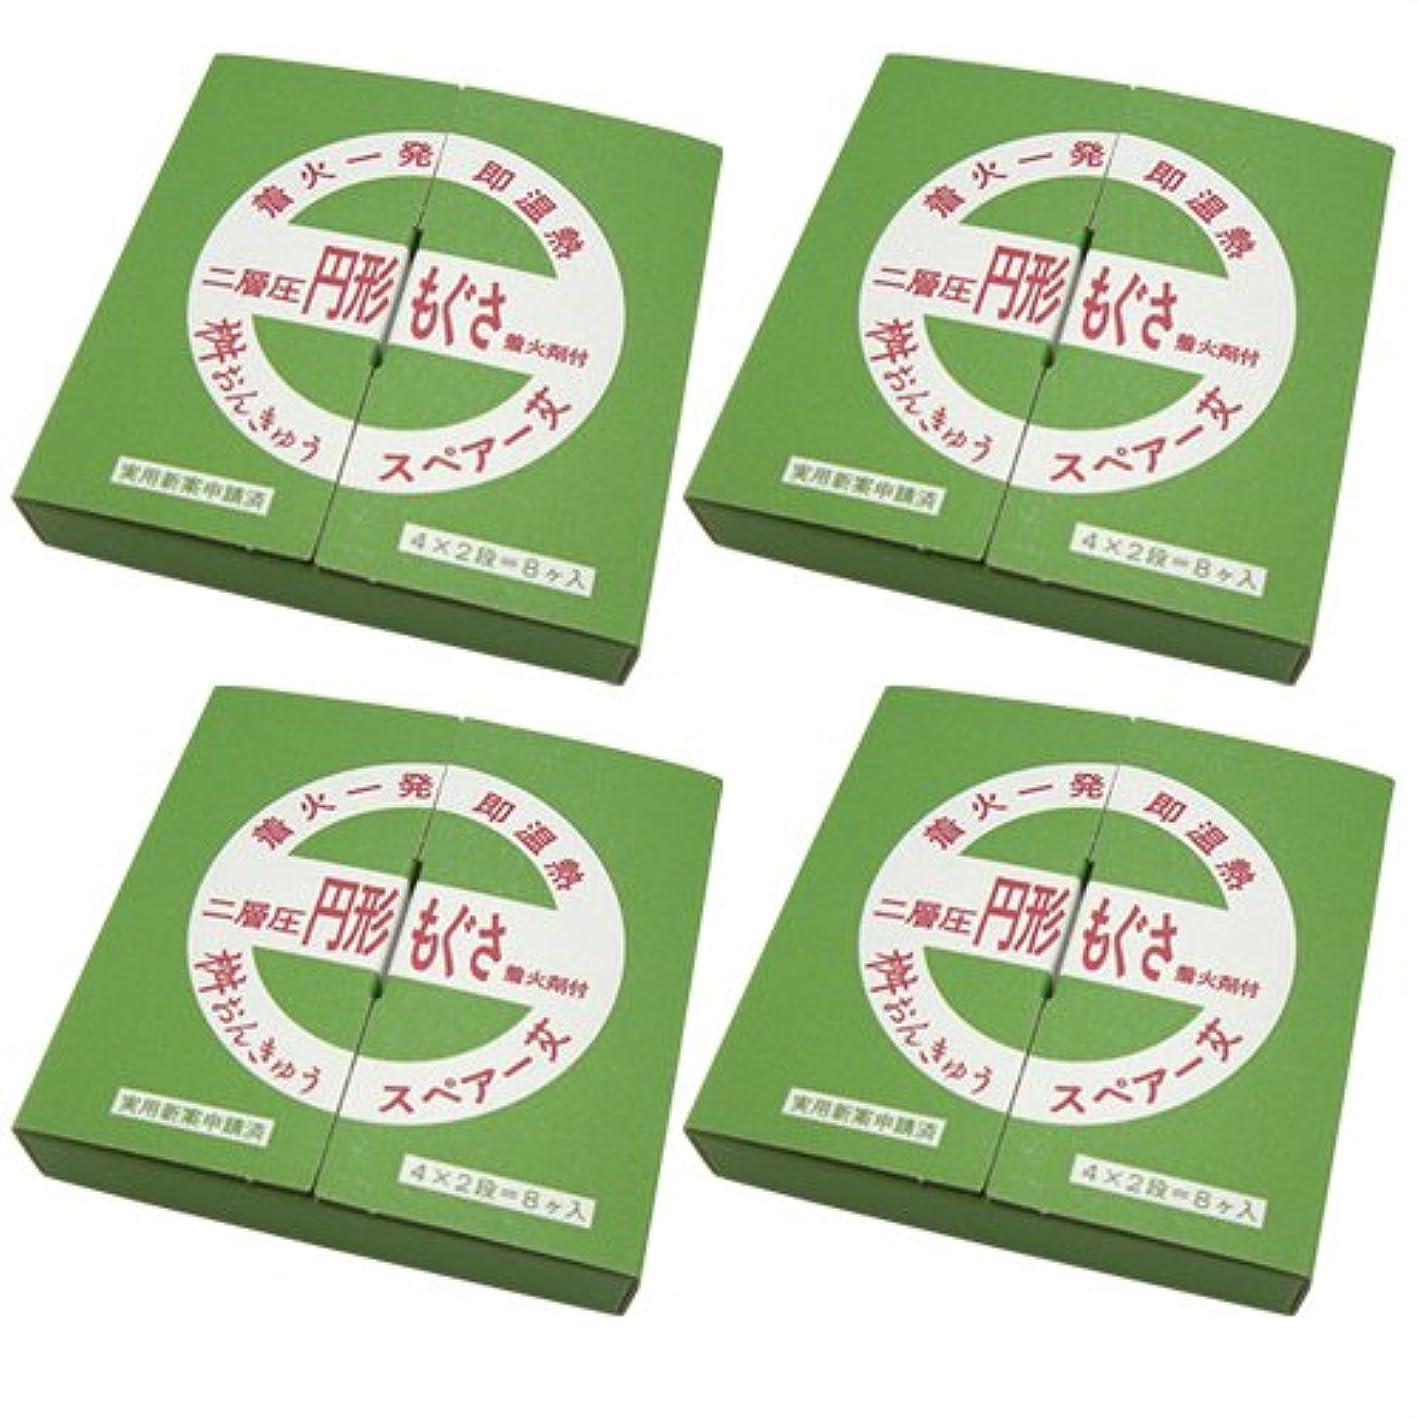 また脊椎素敵な桝おんきゅう用スペアもぐさ 二層圧 円形もぐさ (8ケ) ×4箱セット